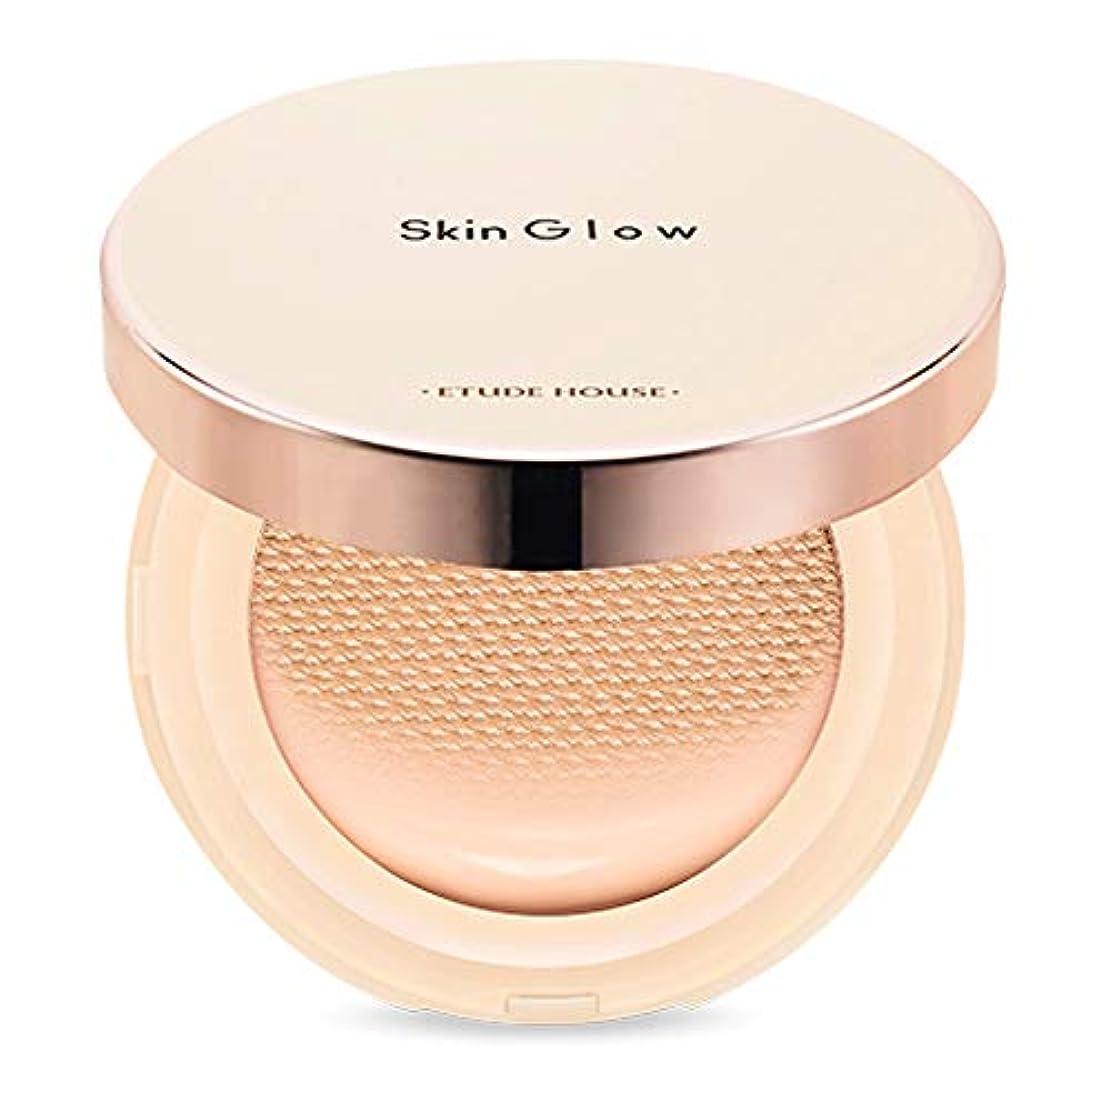 所得急性祖先Etude House Skin Glow Essence Cushion SPF50+/PA++++ エチュードハウス スキン グロー エッセンス クッション (# N04 Neutral Beige) [並行輸入品]